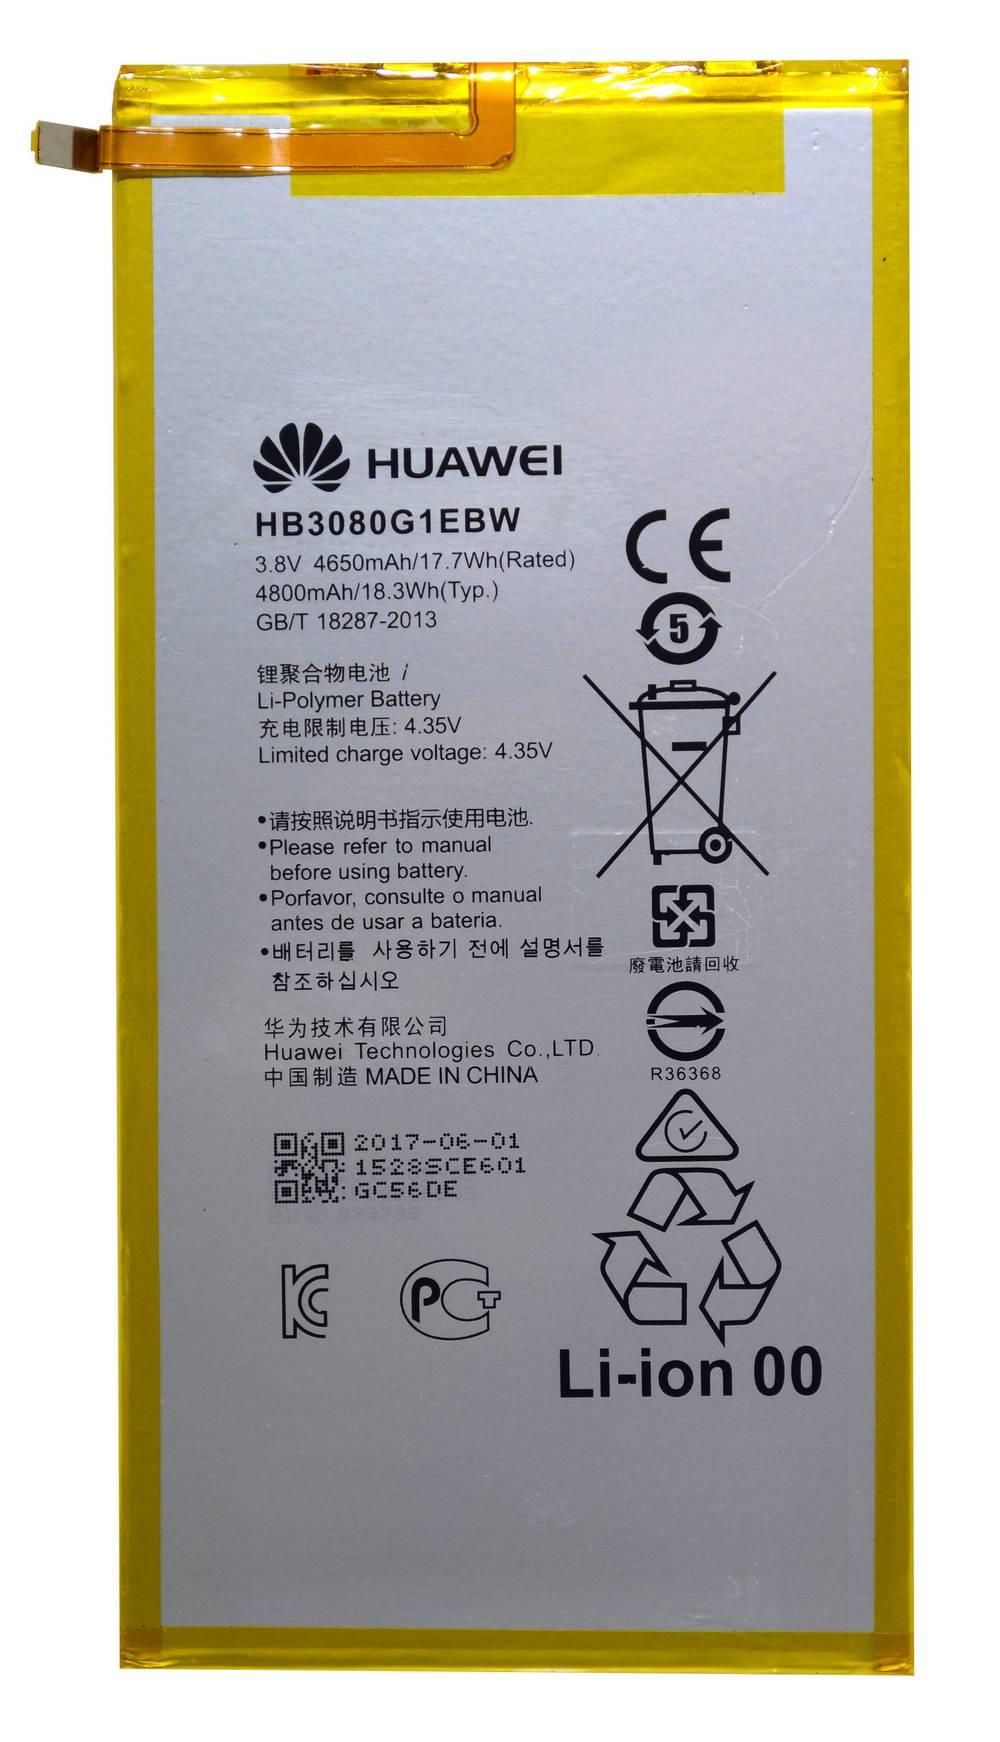 Μπαταρία Huawei HB3080G1EBW για MediaPad T1 8.0 Original Bulk